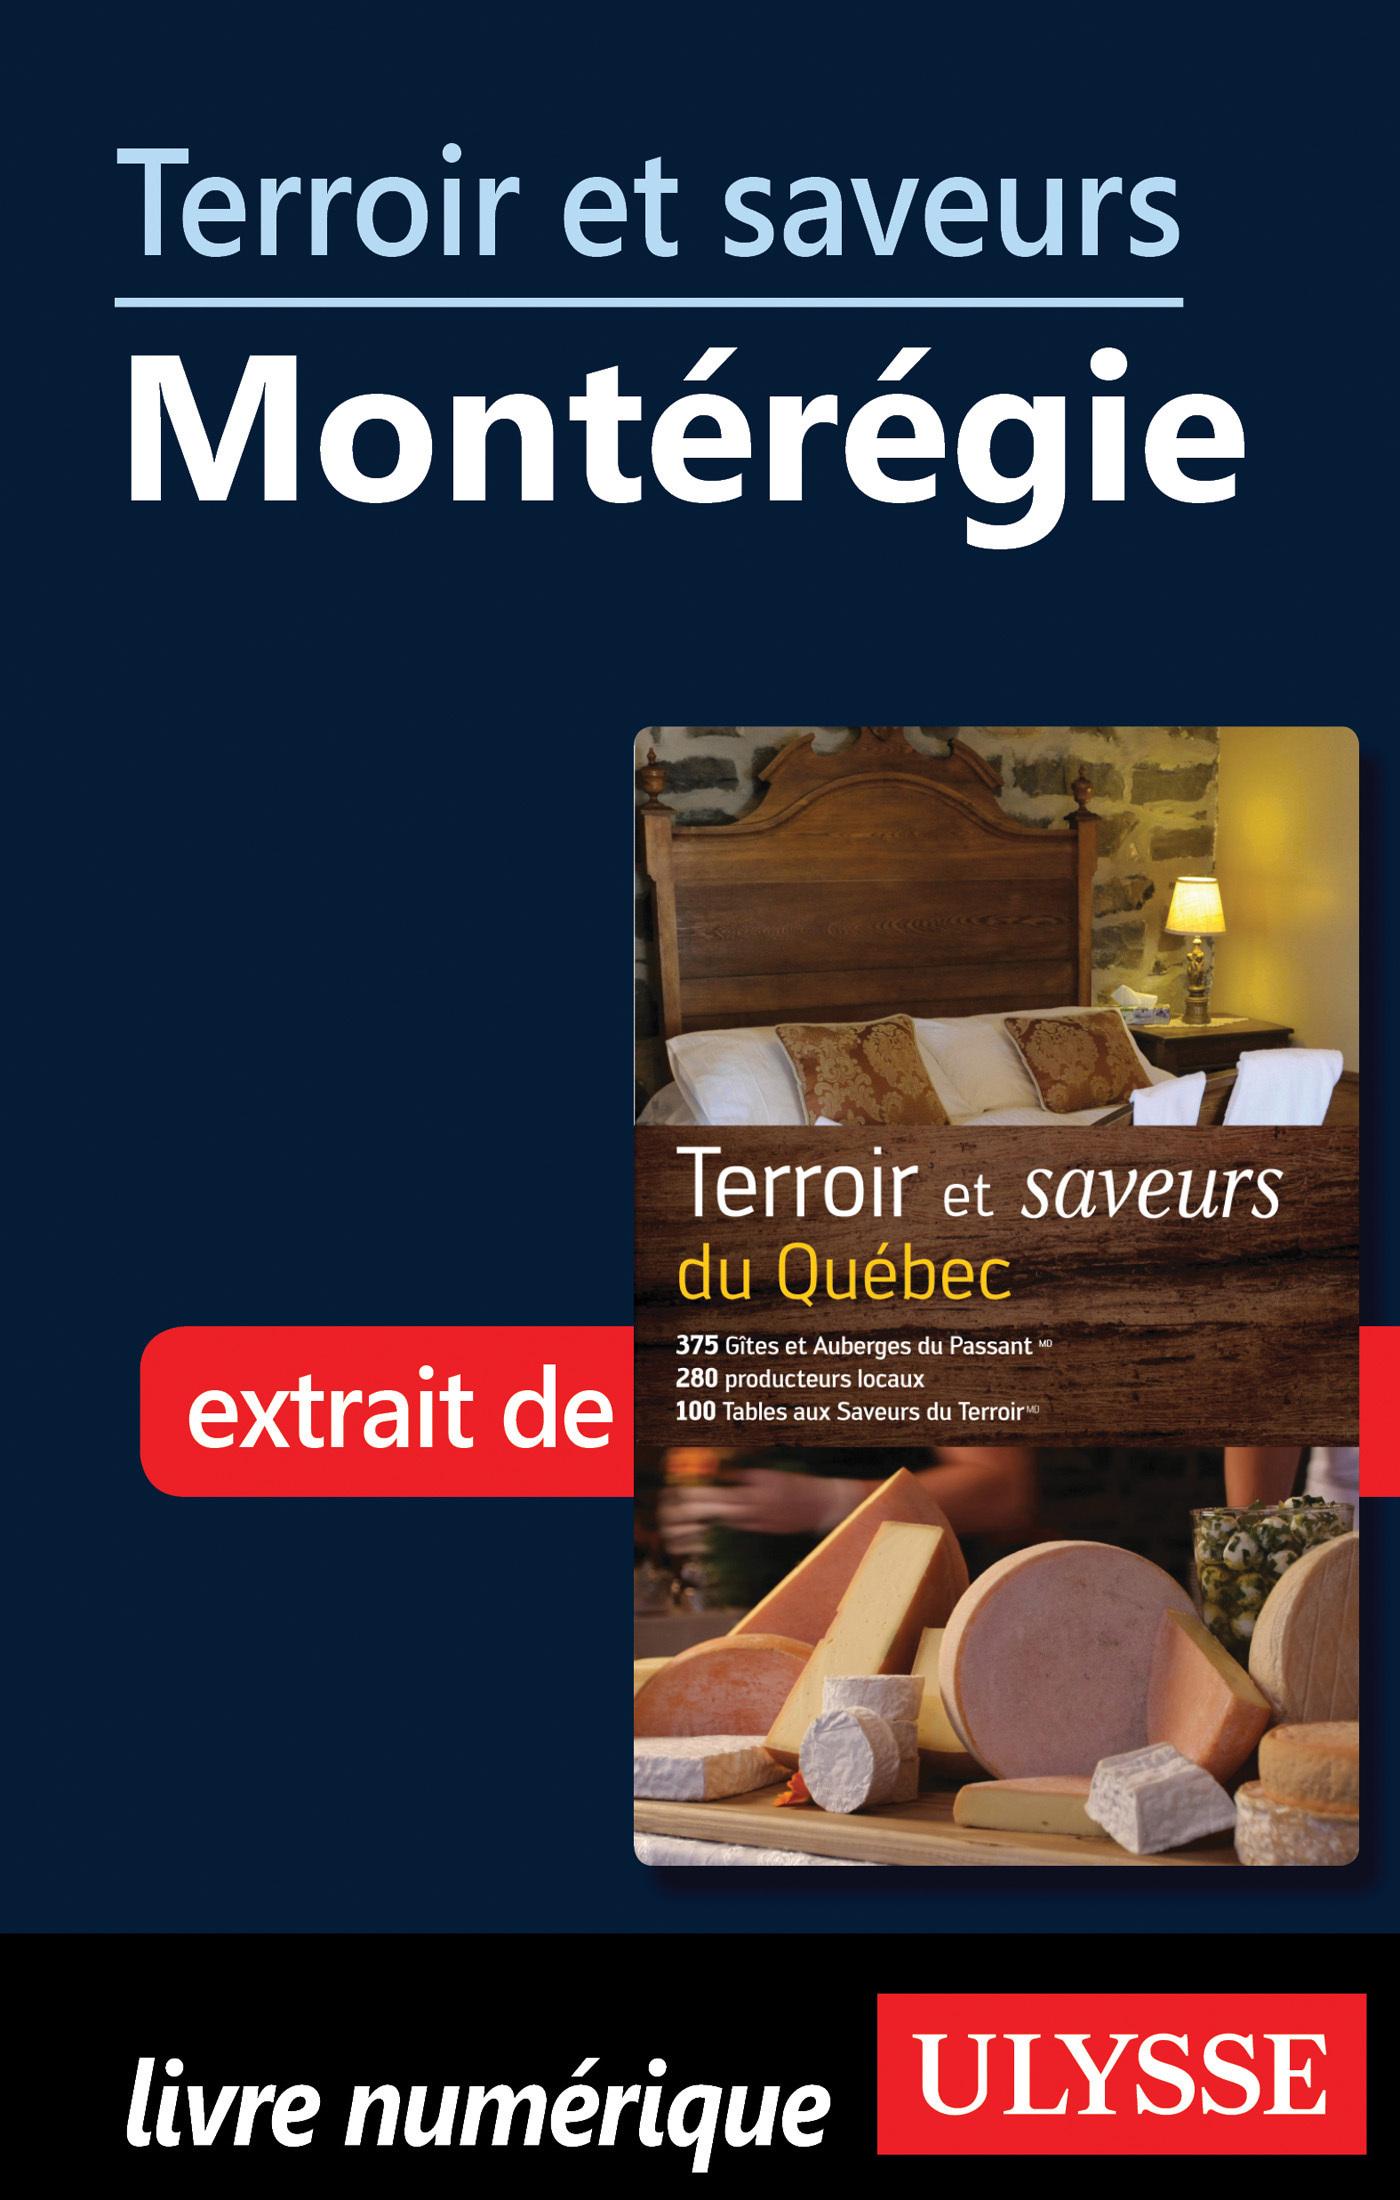 Terroir et saveurs - Montérégie